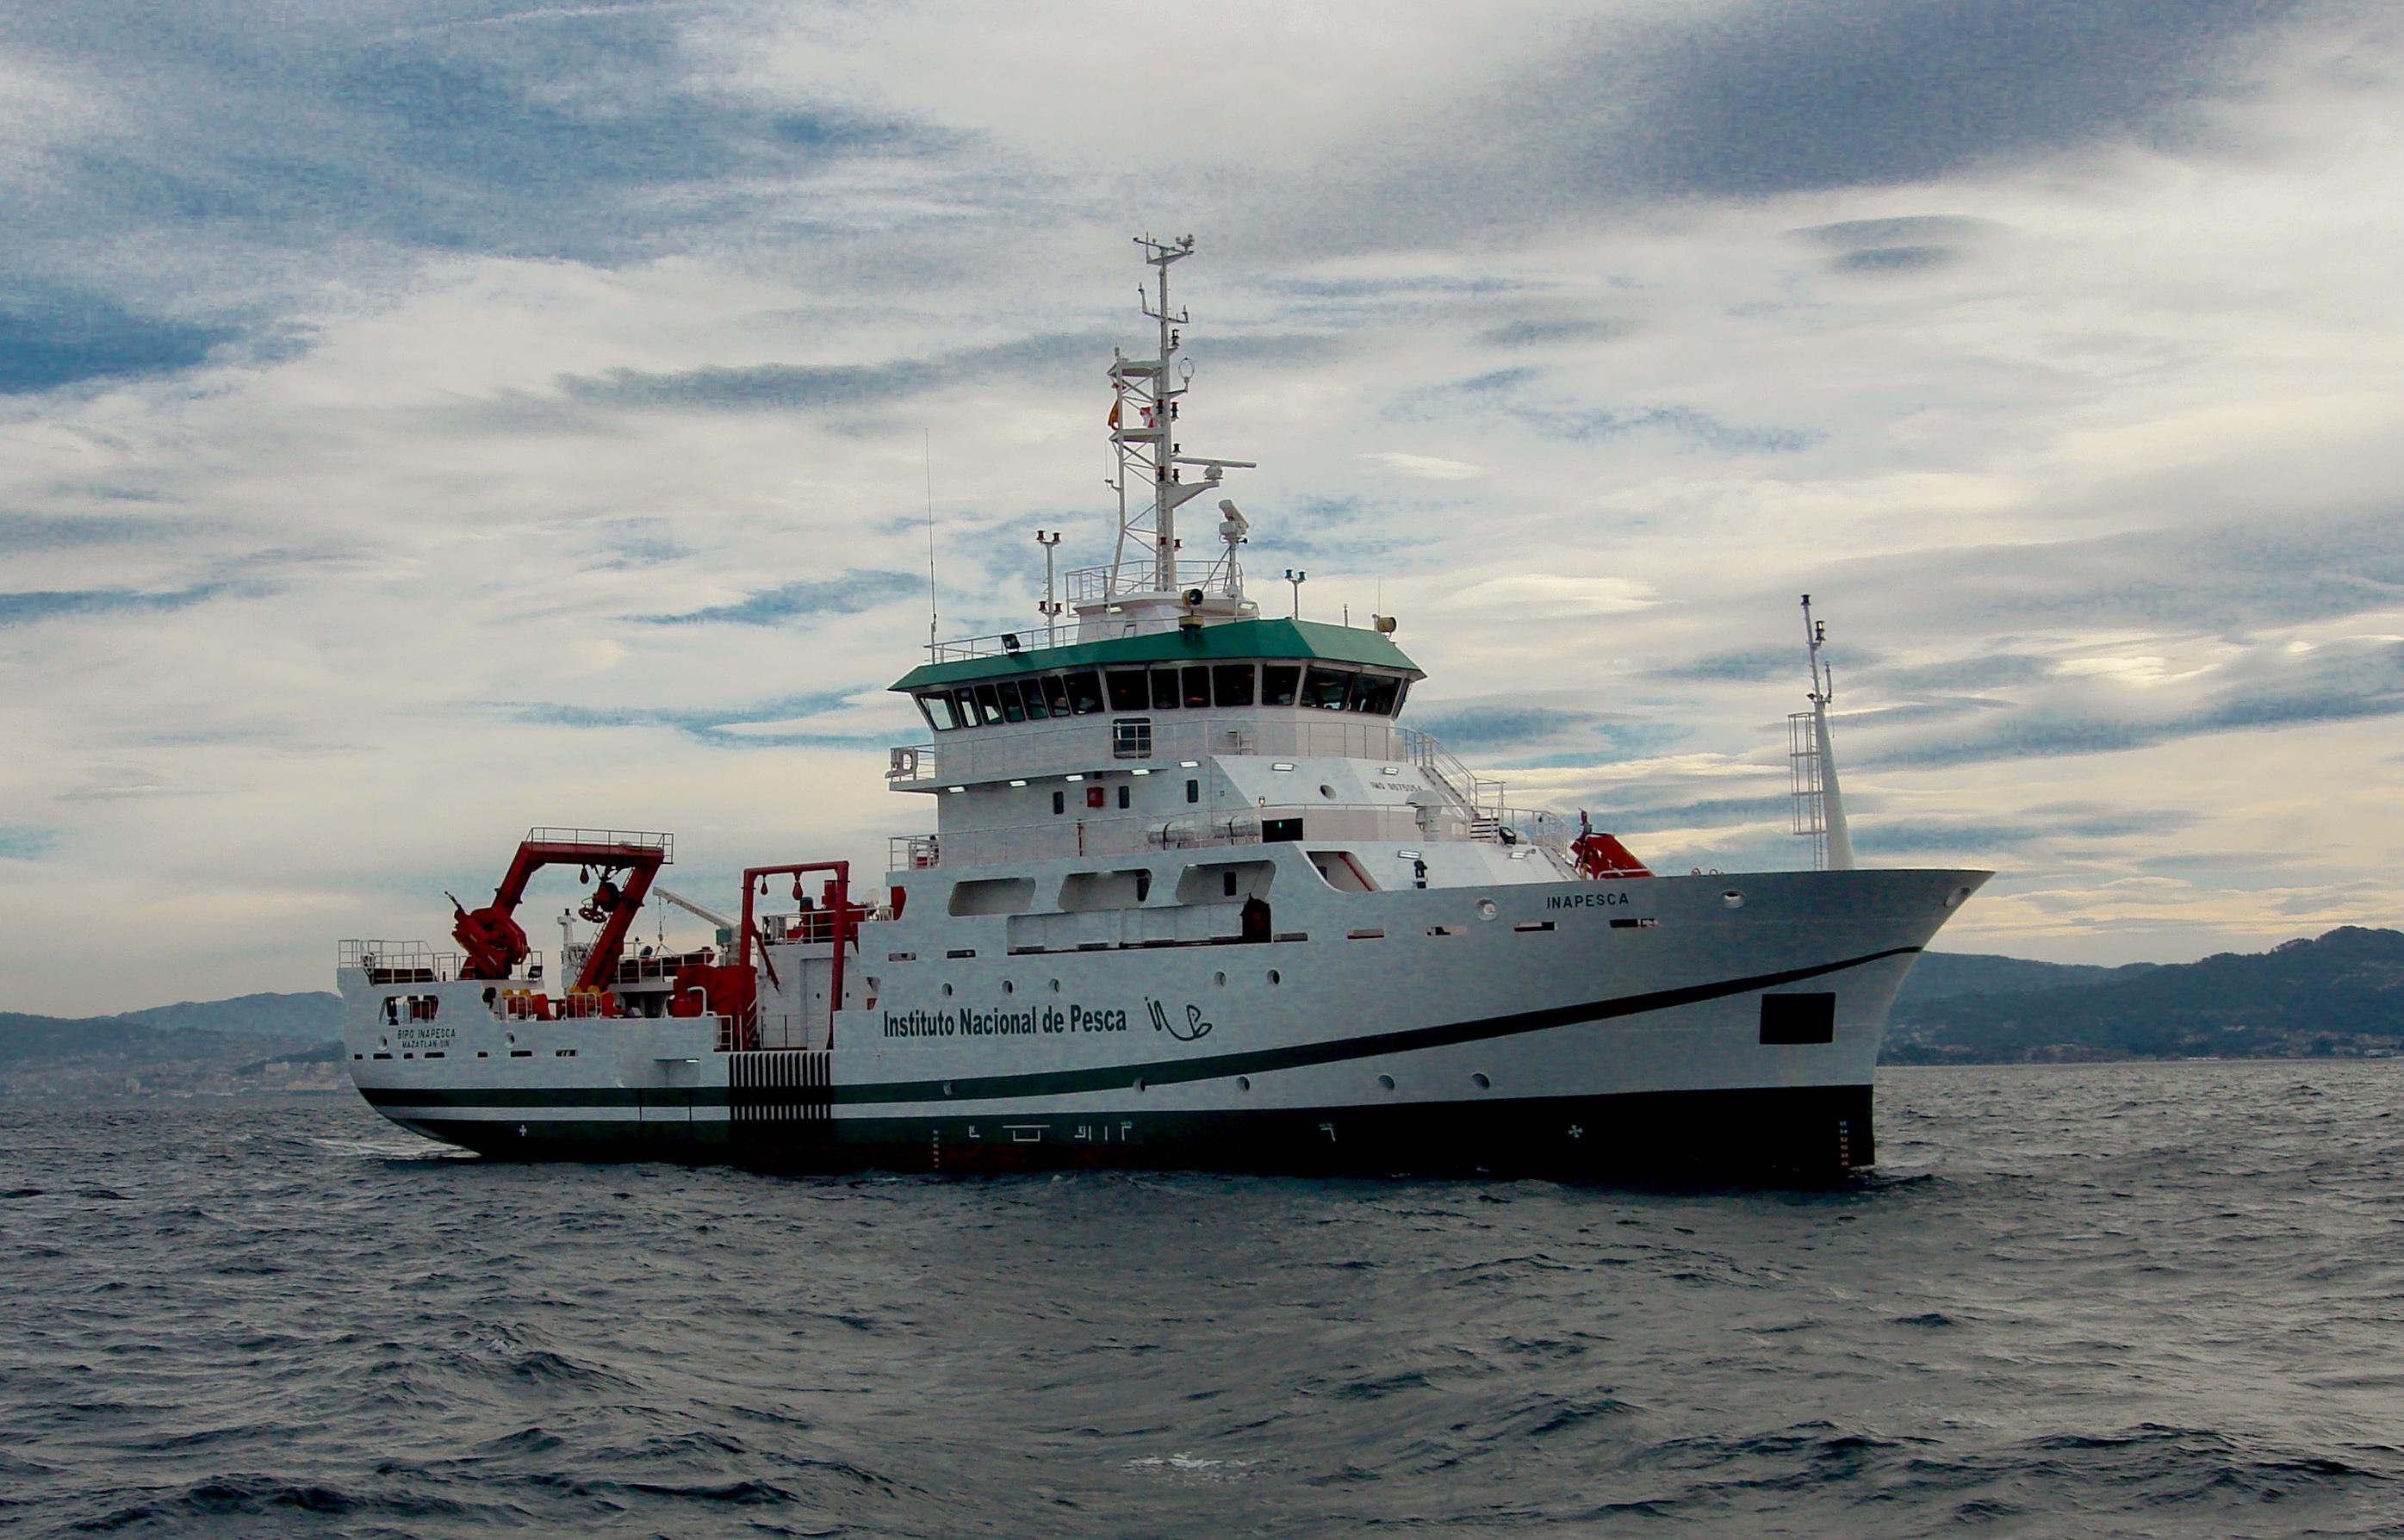 El Instituto Nacional de Pesca (INAPESCA) iniciará este mes los trabajos de investigación en la ex zona de exclusión de la Sonda de Campeche, utilizando tecnología de punta como el Buque de Investigación Marítima (BIM).